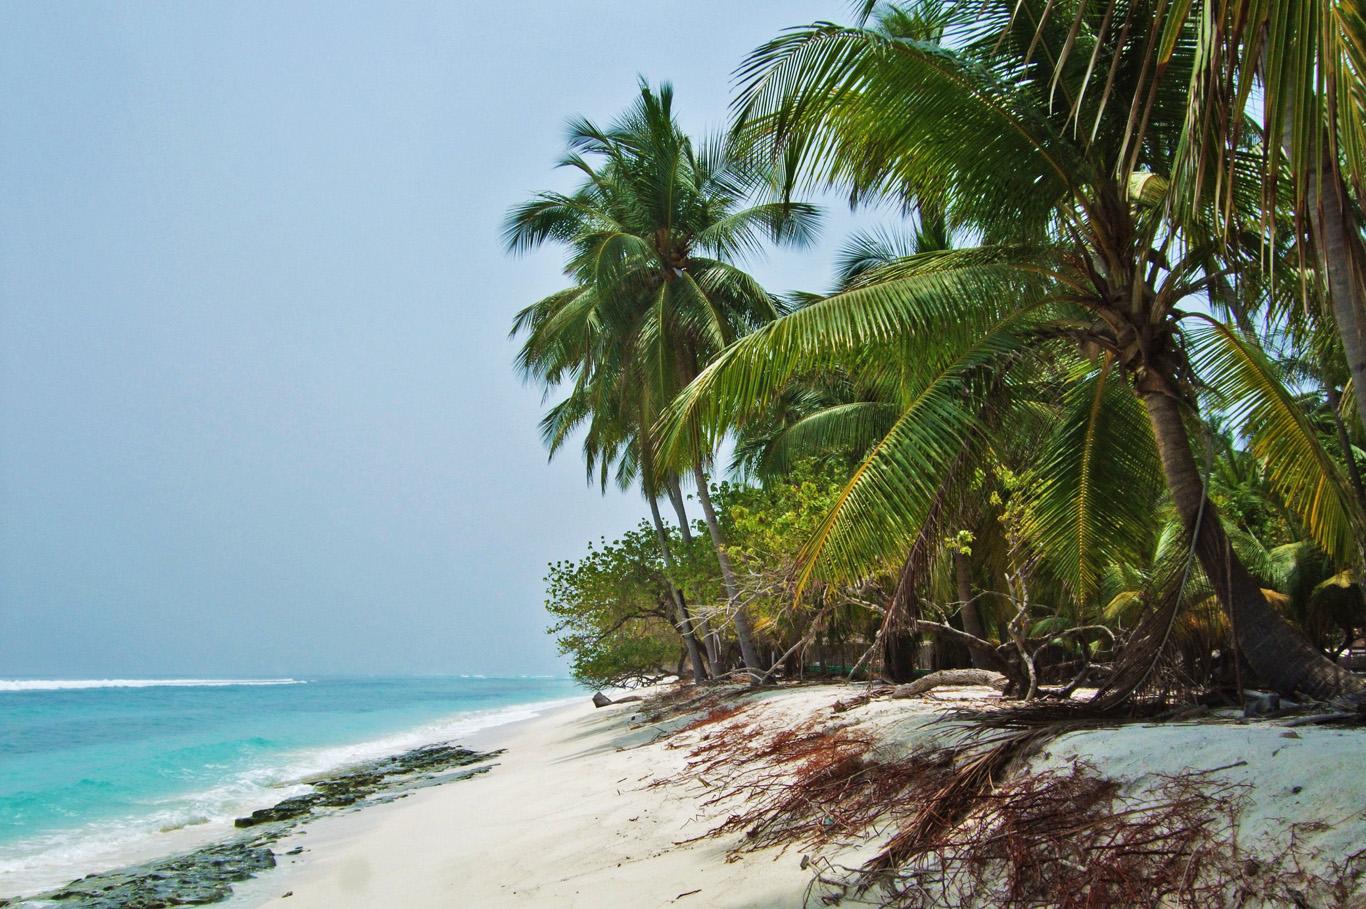 Kadmat island